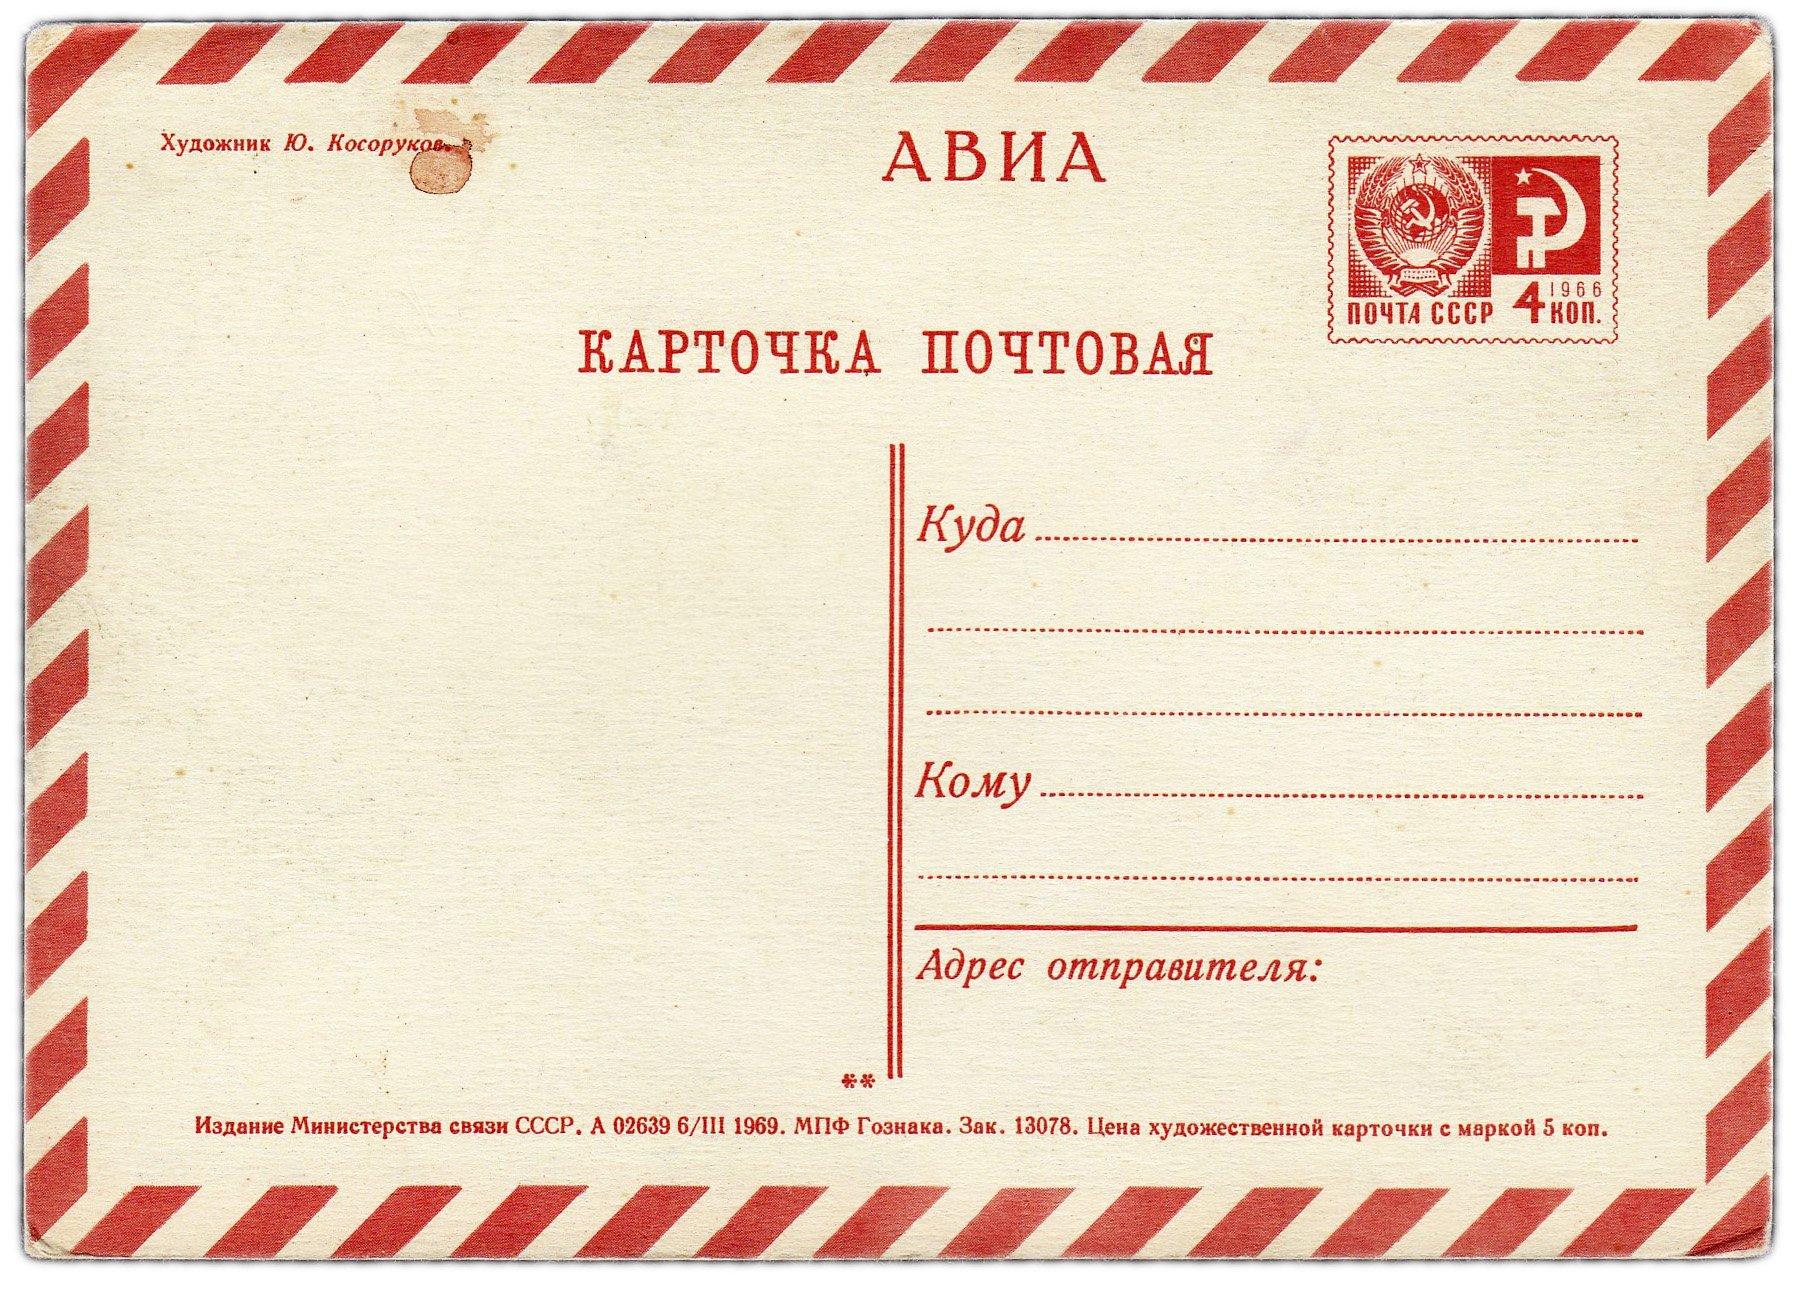 Открытки защитой, авиа почтовая открытка